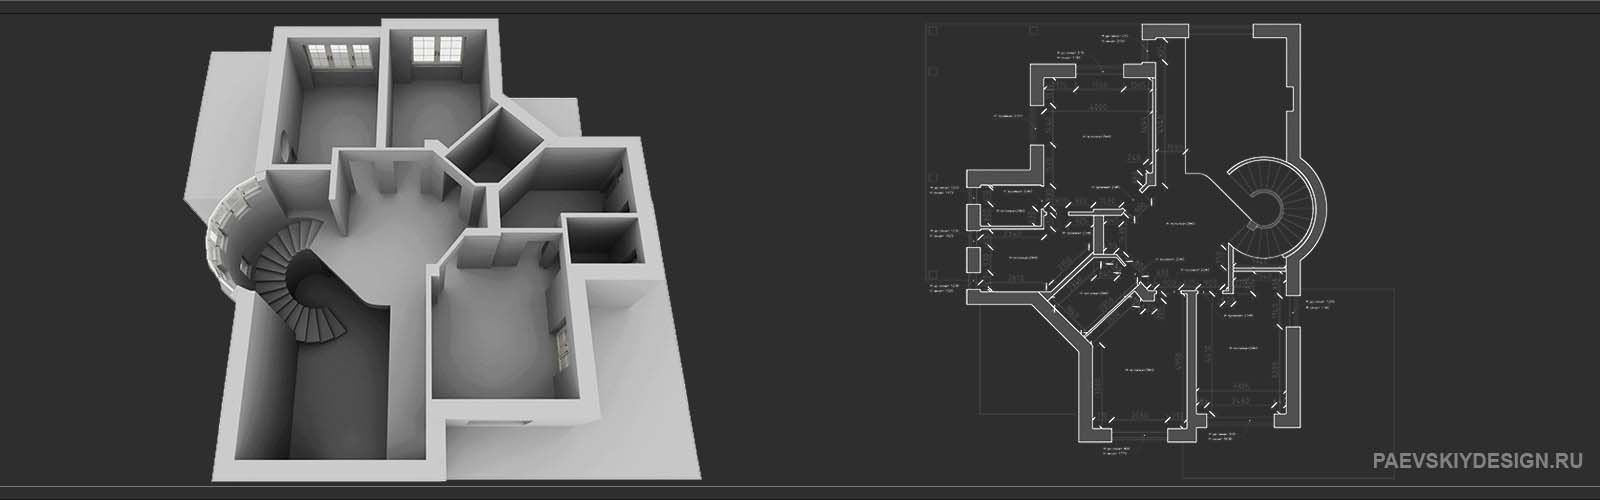 Обмеры помещений для дизайн проекта интерьера